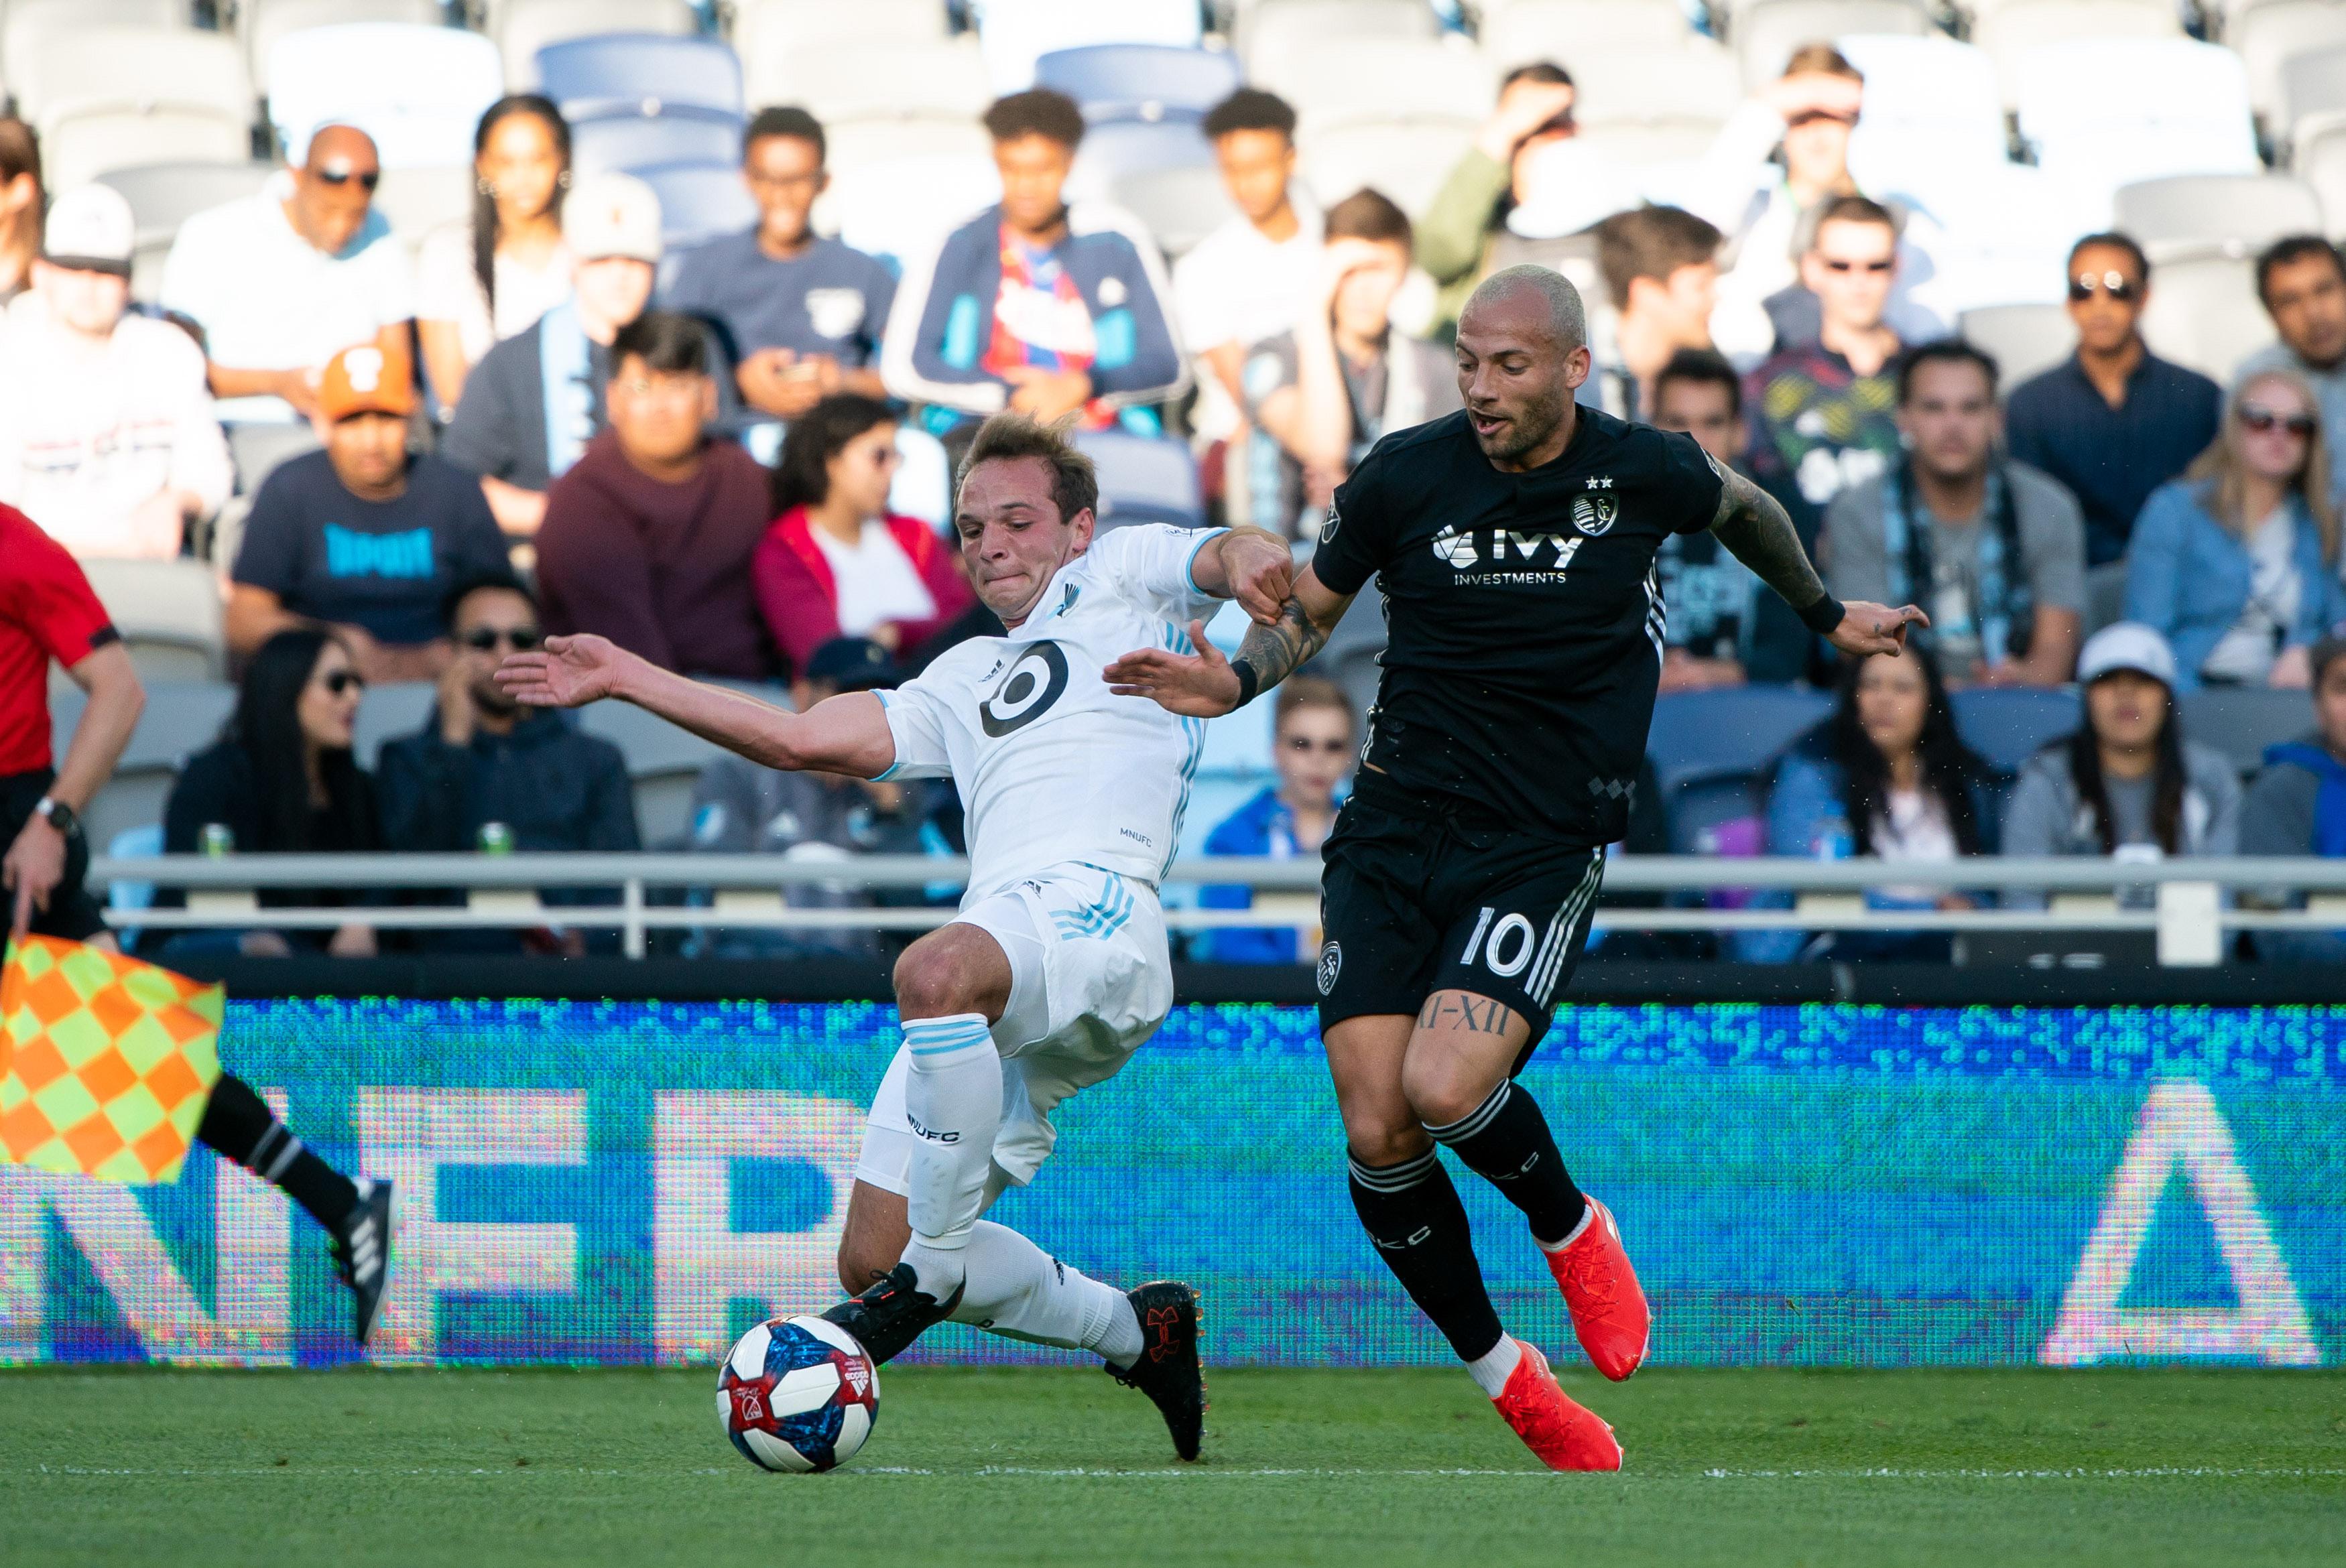 MLS: U.S. Cup-Sporting KC at Minnesota United